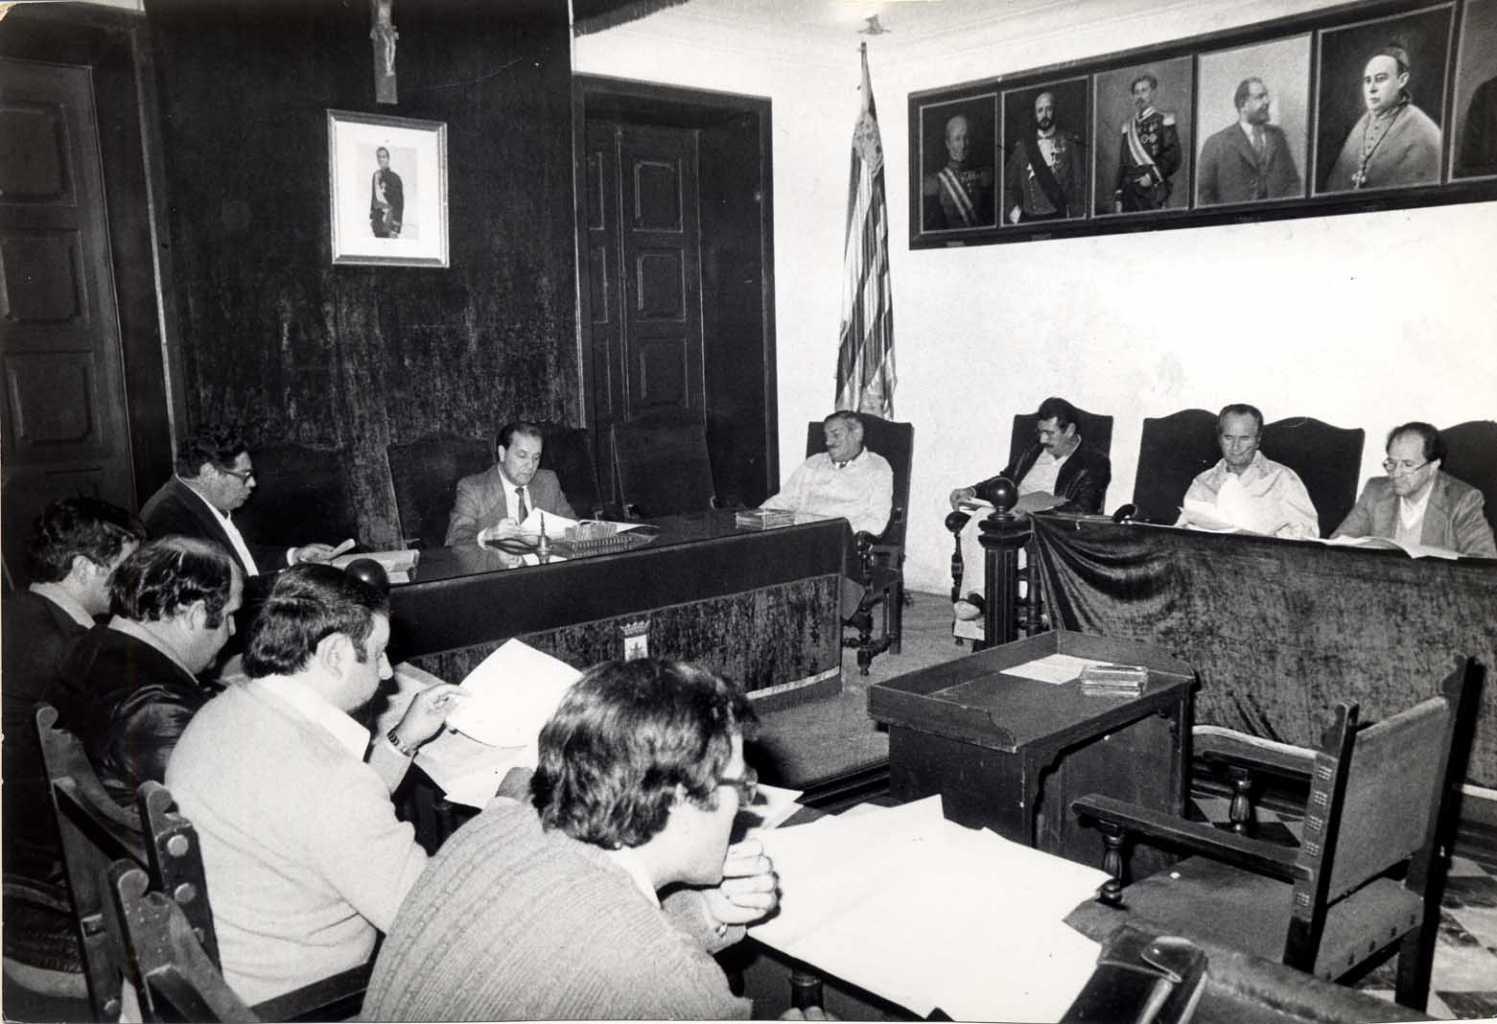 Cosme Vidal ganó las primeras elecciones democráticas para elegir al Consell Insular el 3 de abril de 1979. Hemeroteca Diario de Ibiza